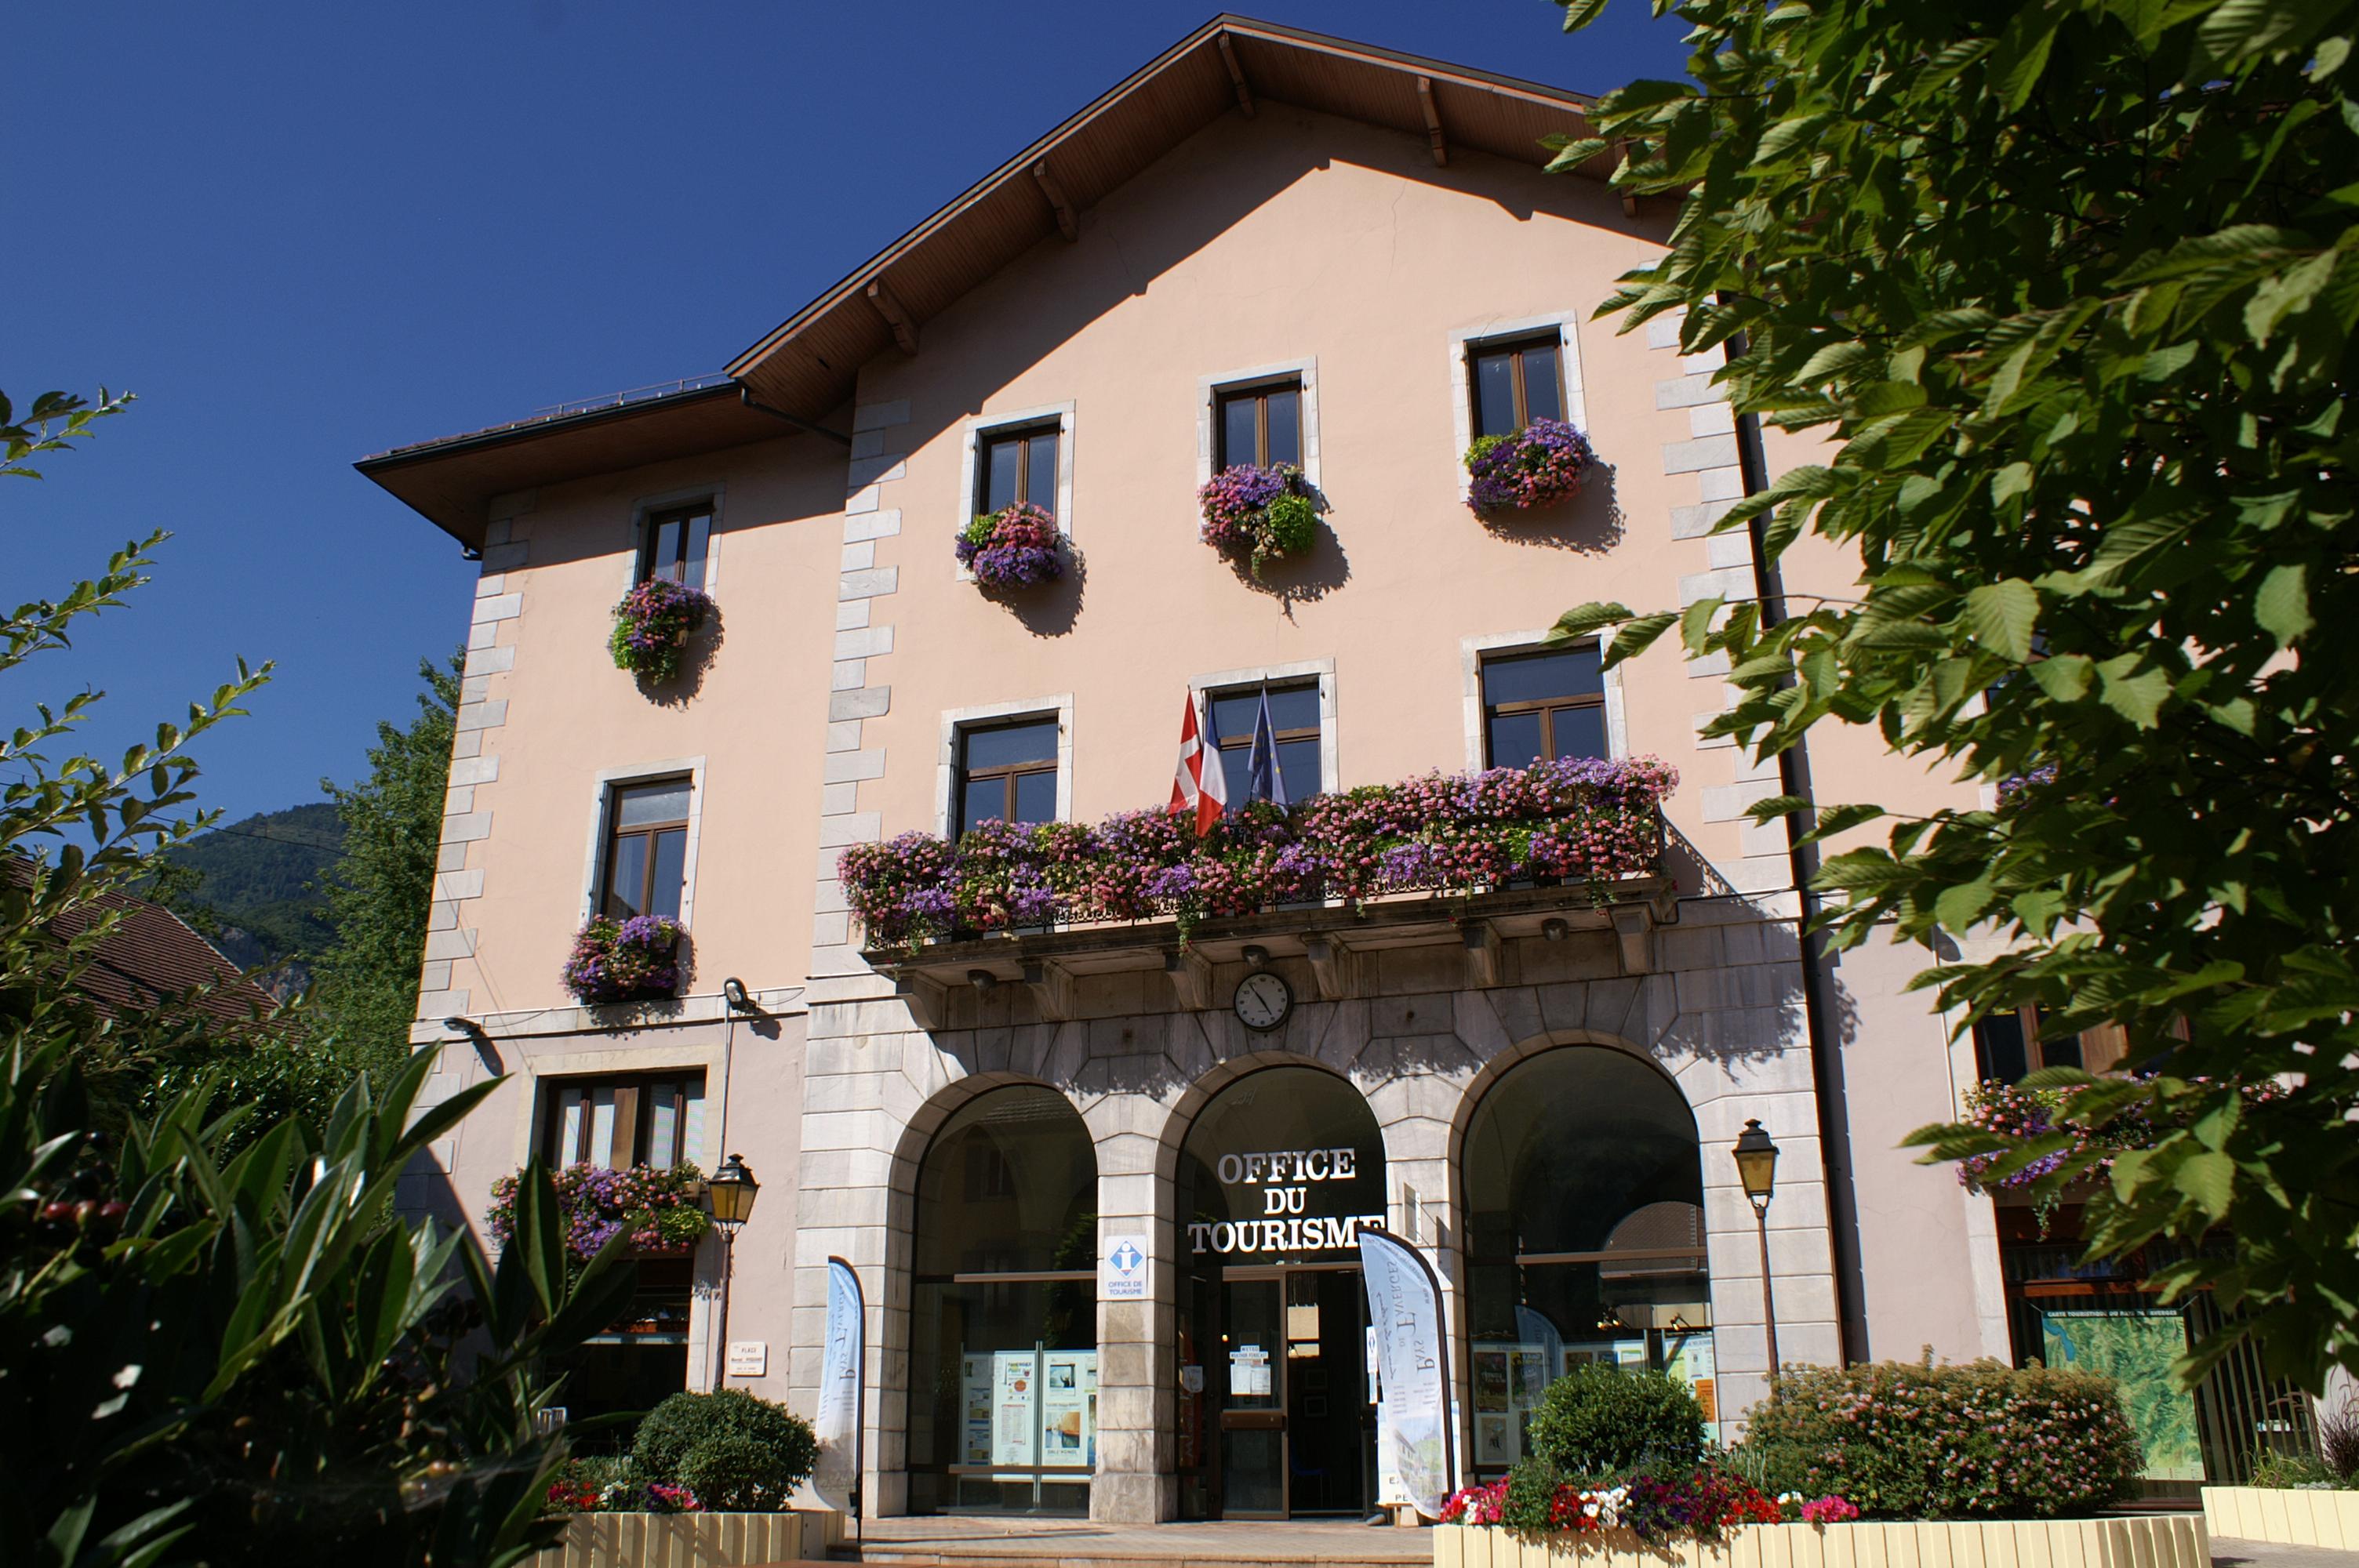 Office de tourisme des sources du lac d 39 annecy savoie mont blanc savoie et haute savoie alpes - Office du tourisme marciac ...